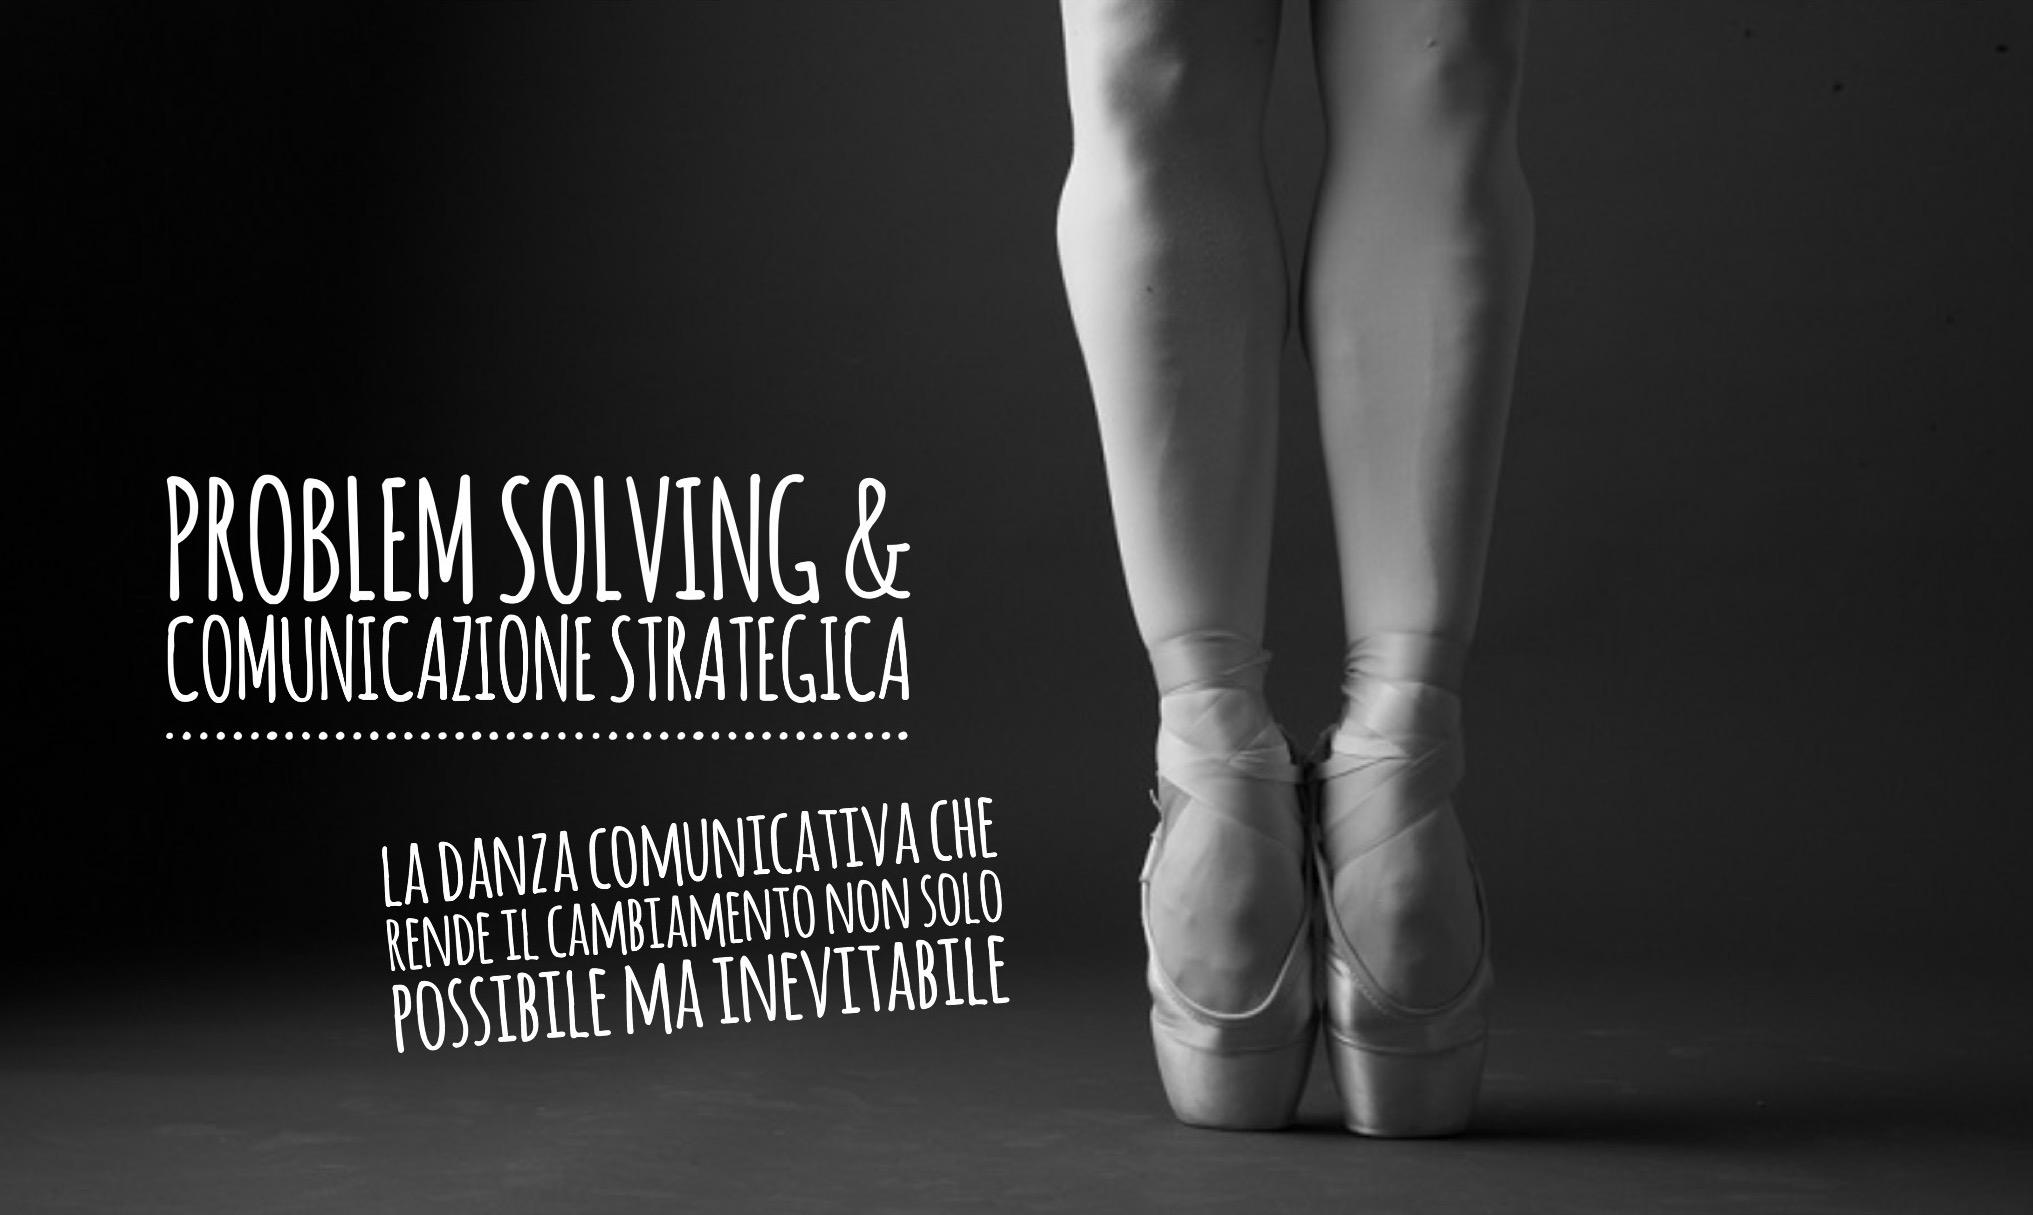 la-danza-comunicativa